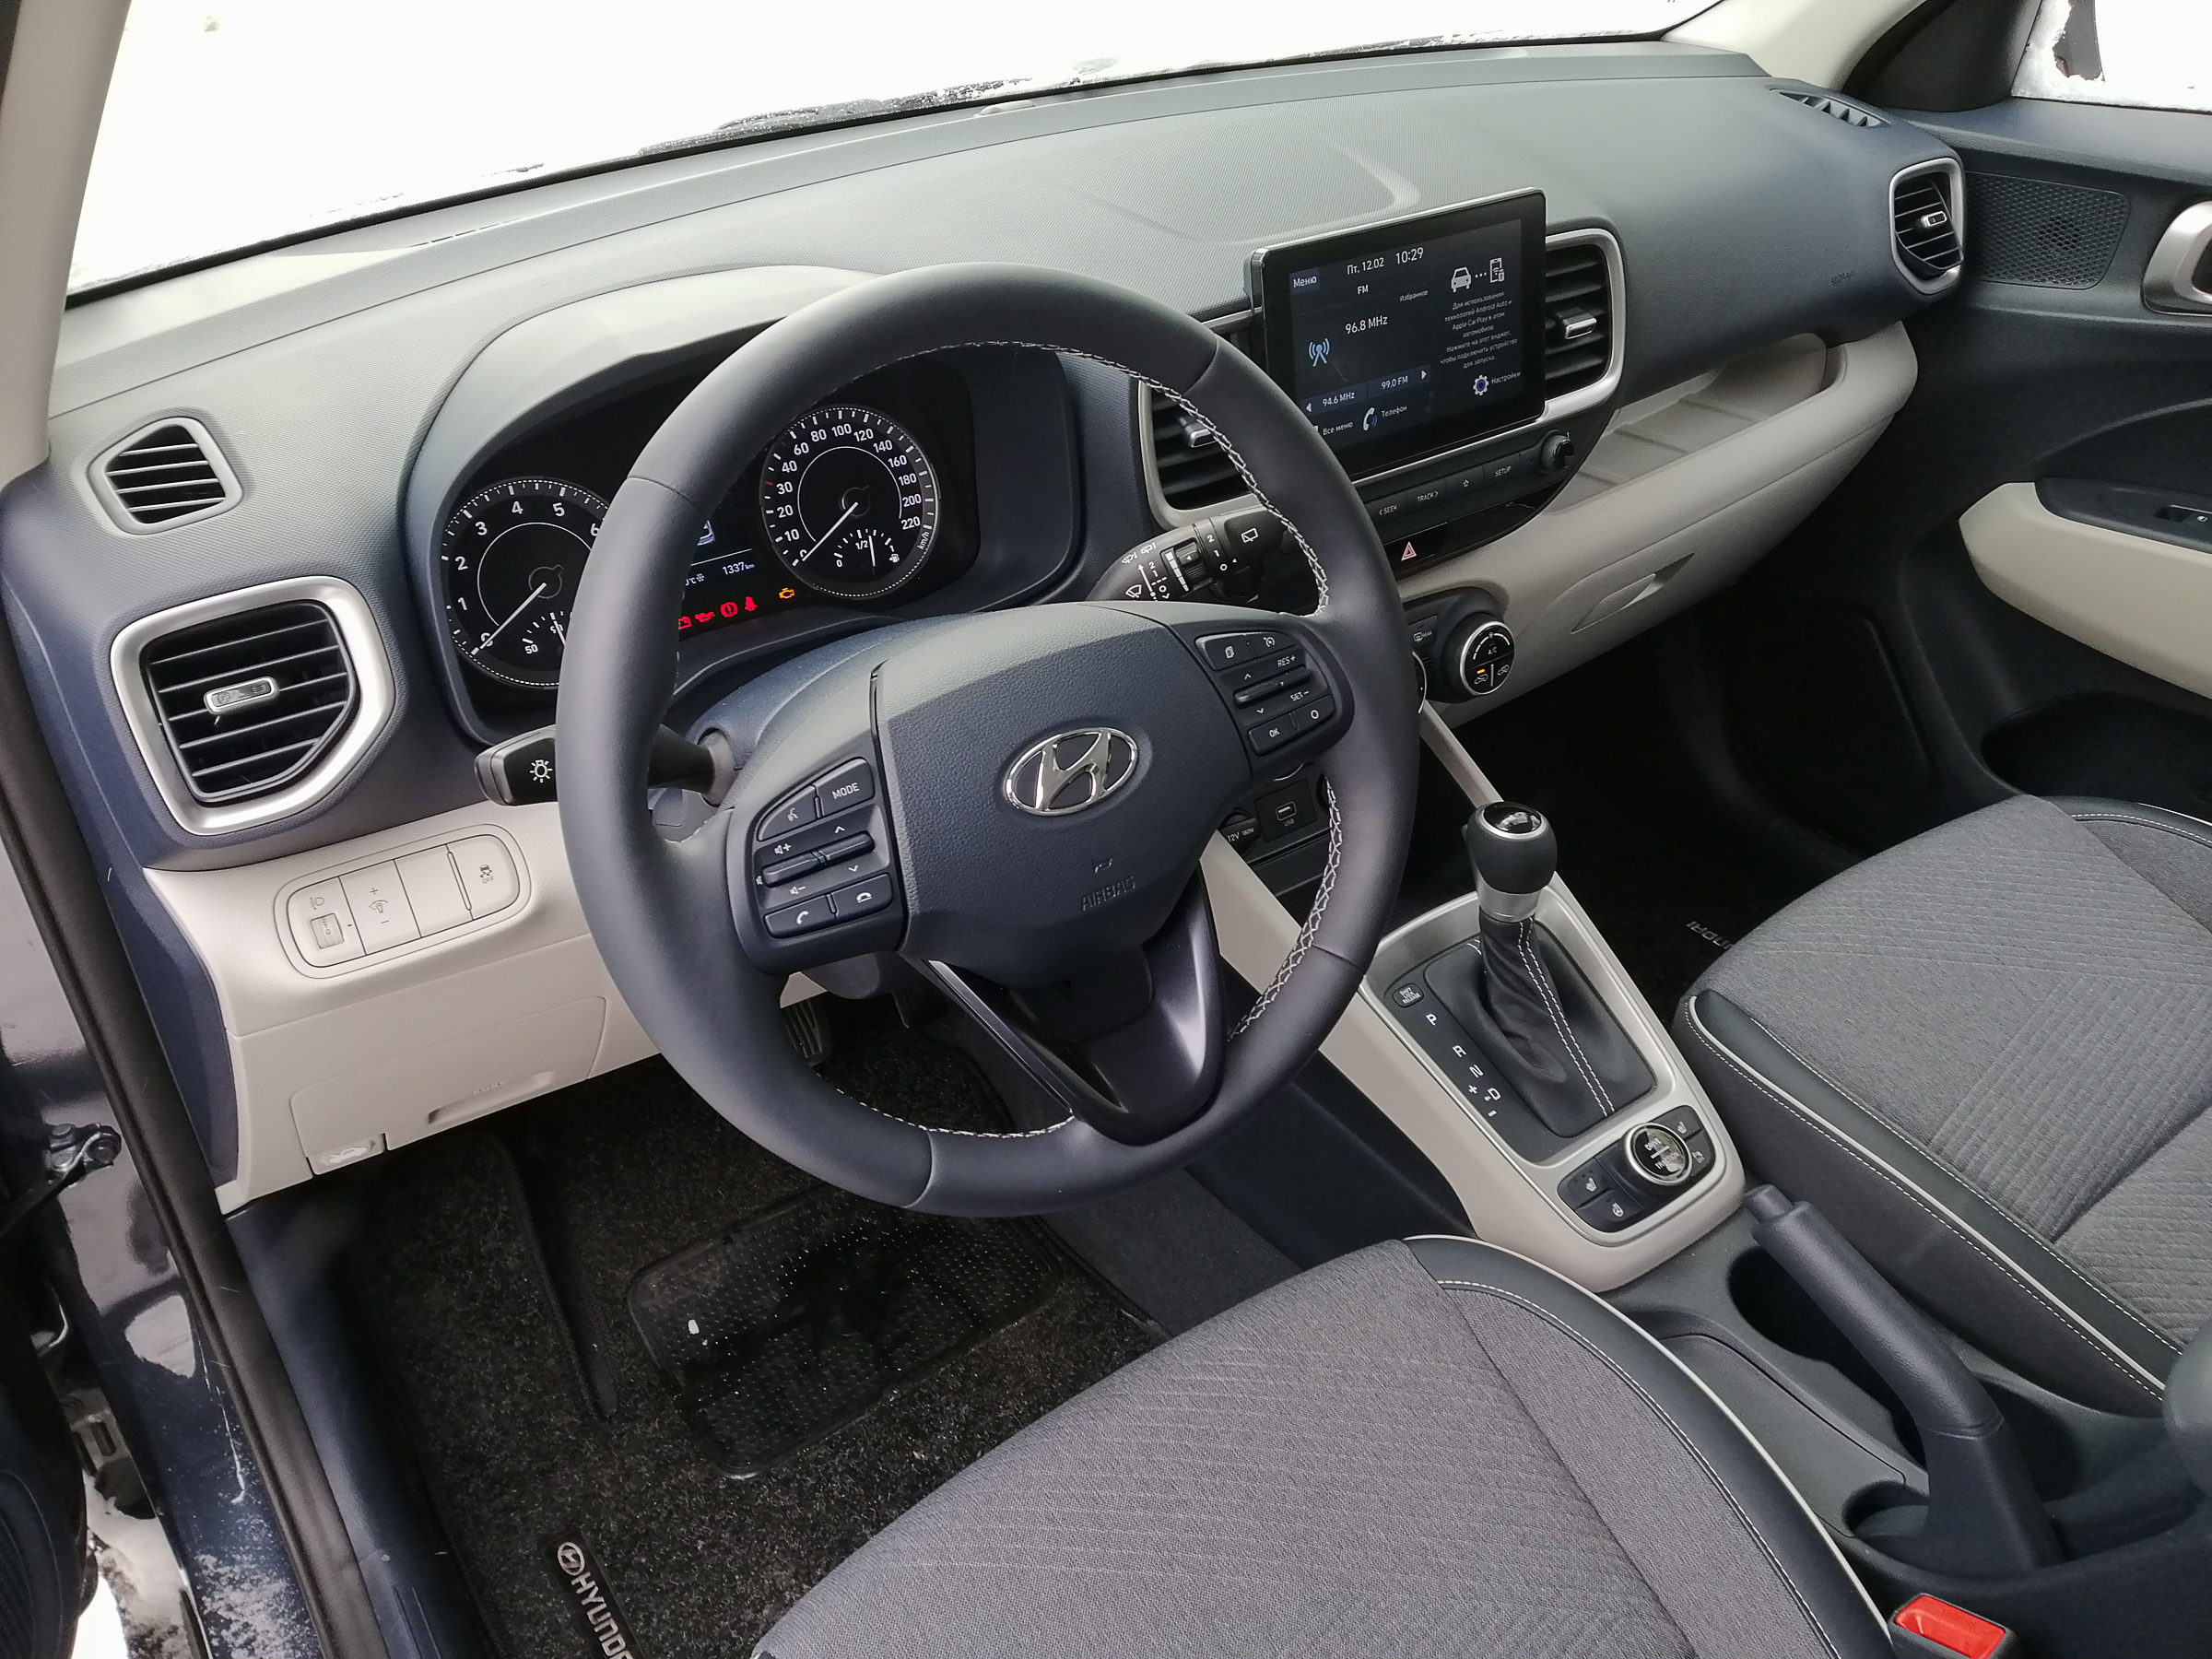 Тест-драйв Hyundai Venue: в субкомпактном классе появился серьезный игрок?